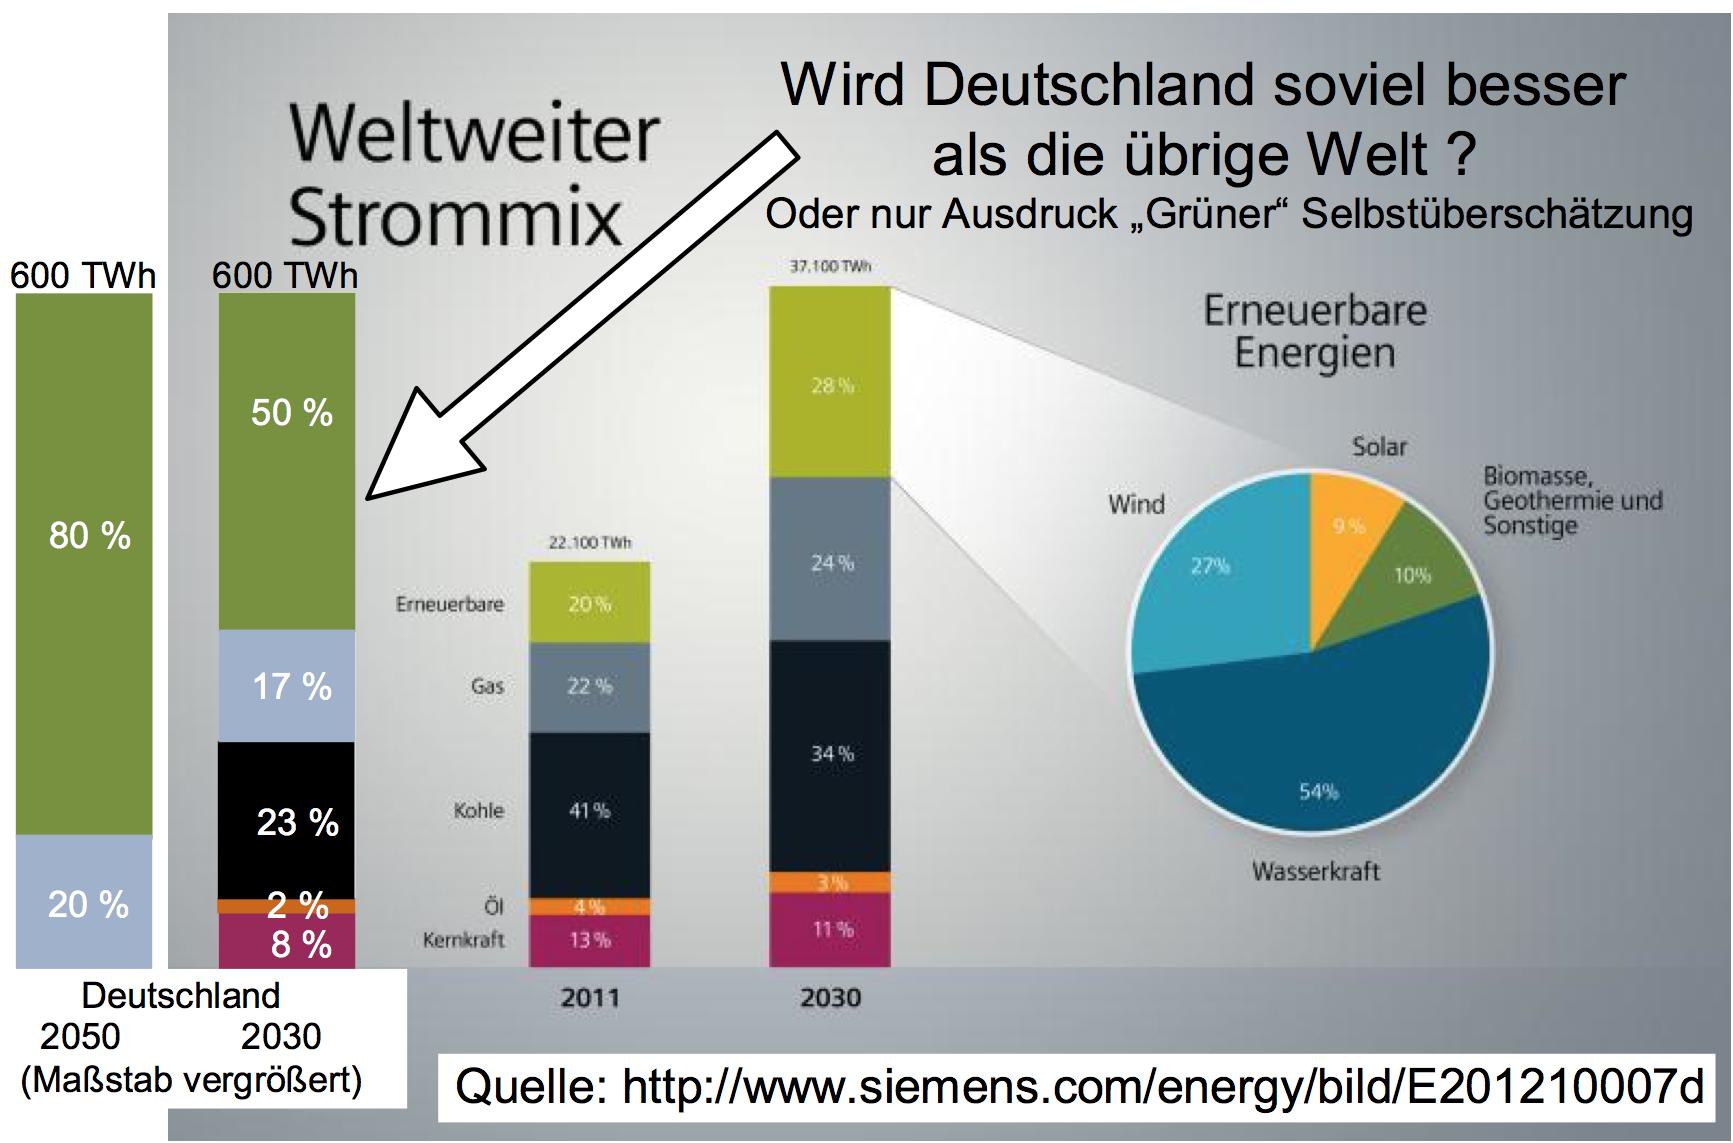 Energiewende Ist Deutschland Soviel Besser Als Der Rest Der Welt